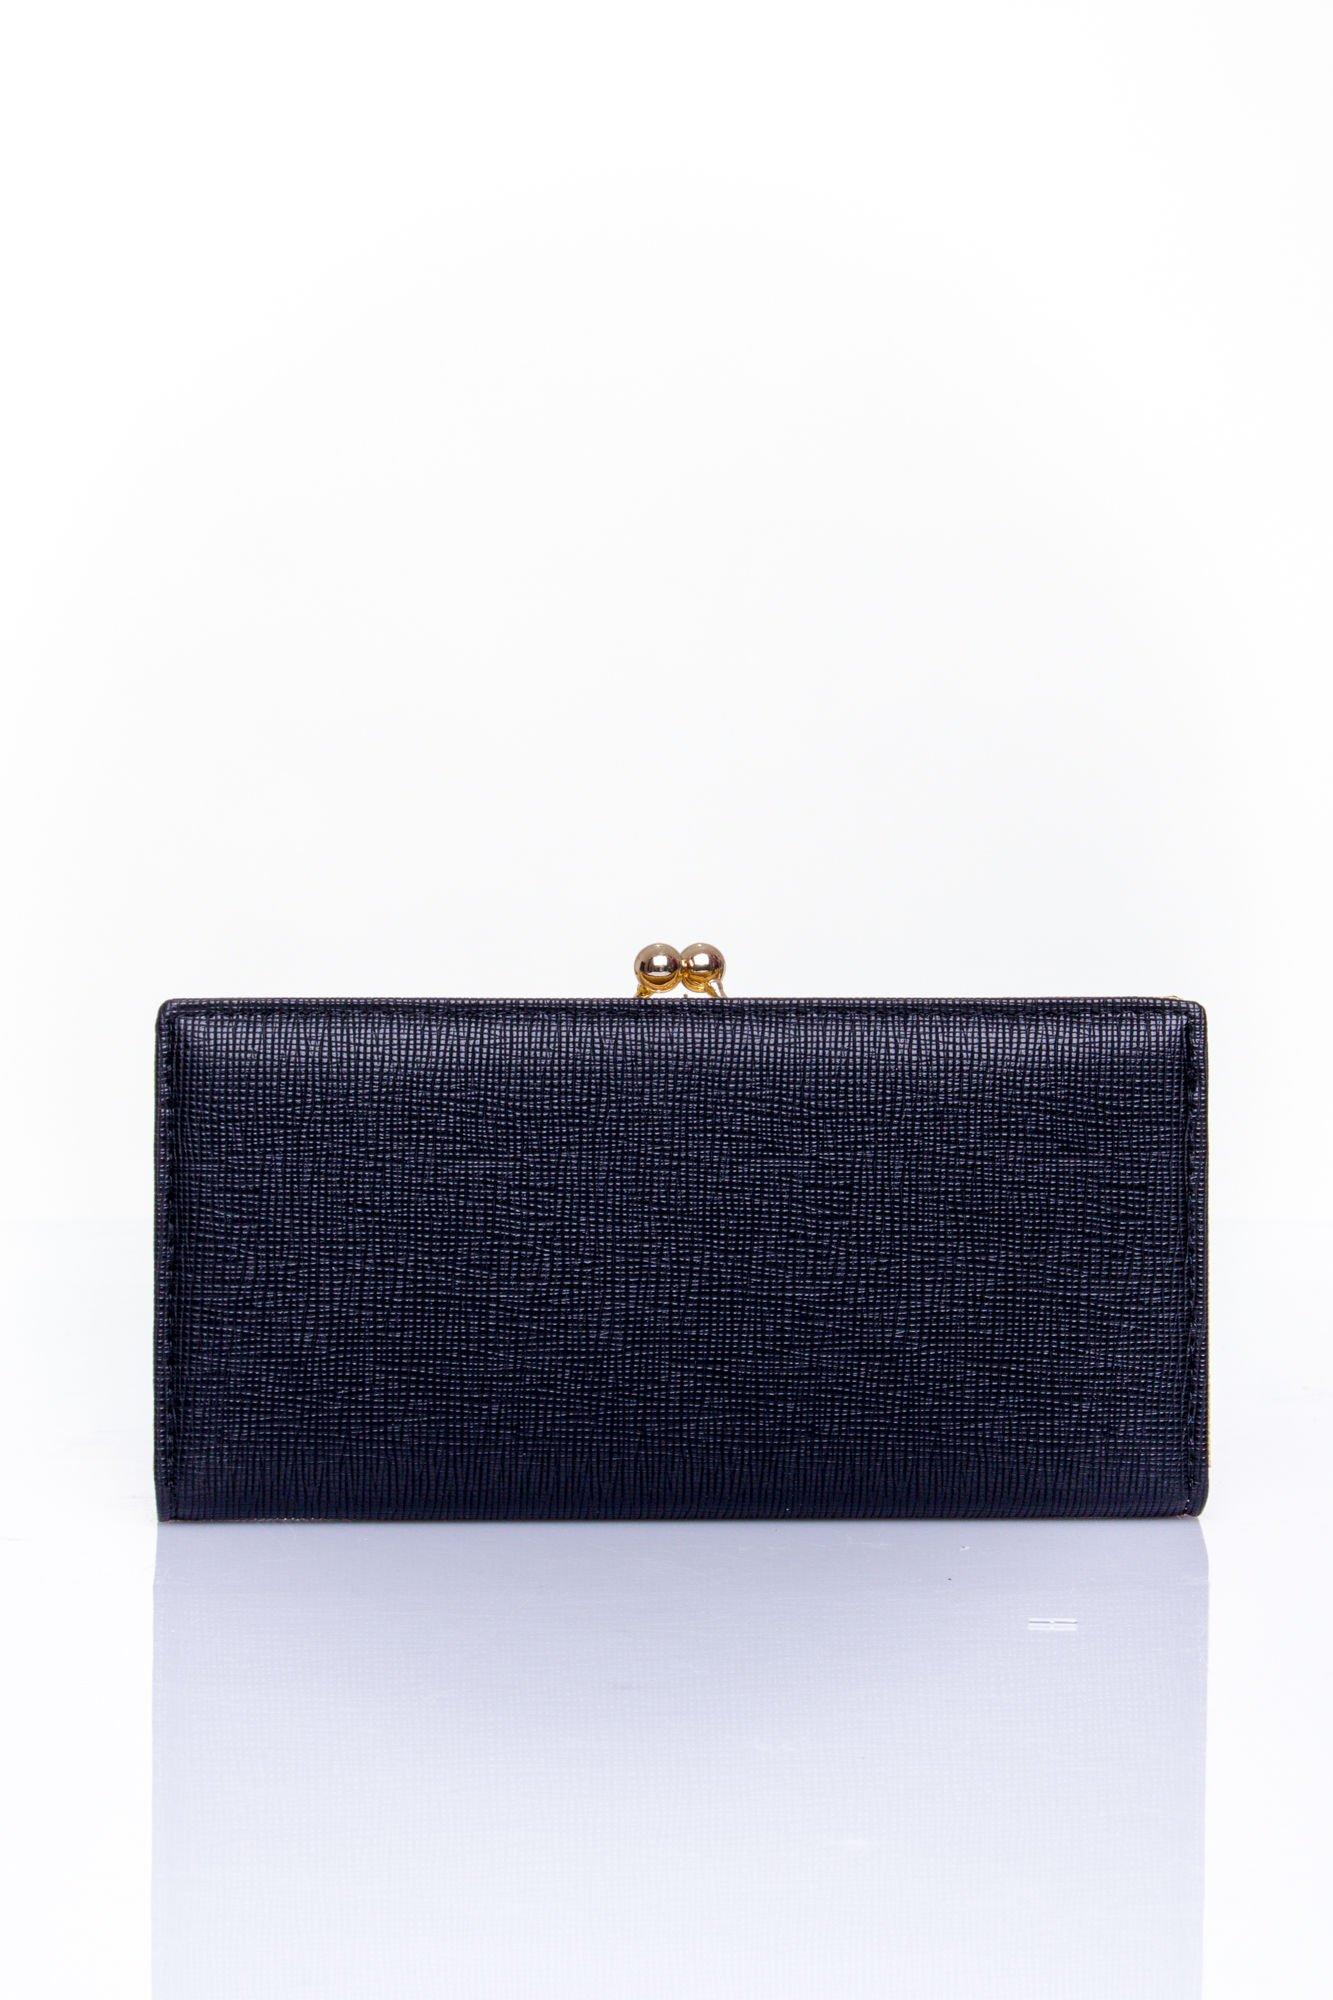 Czarny portfel z biglem efekt saffiano                                   zdj.                                  1